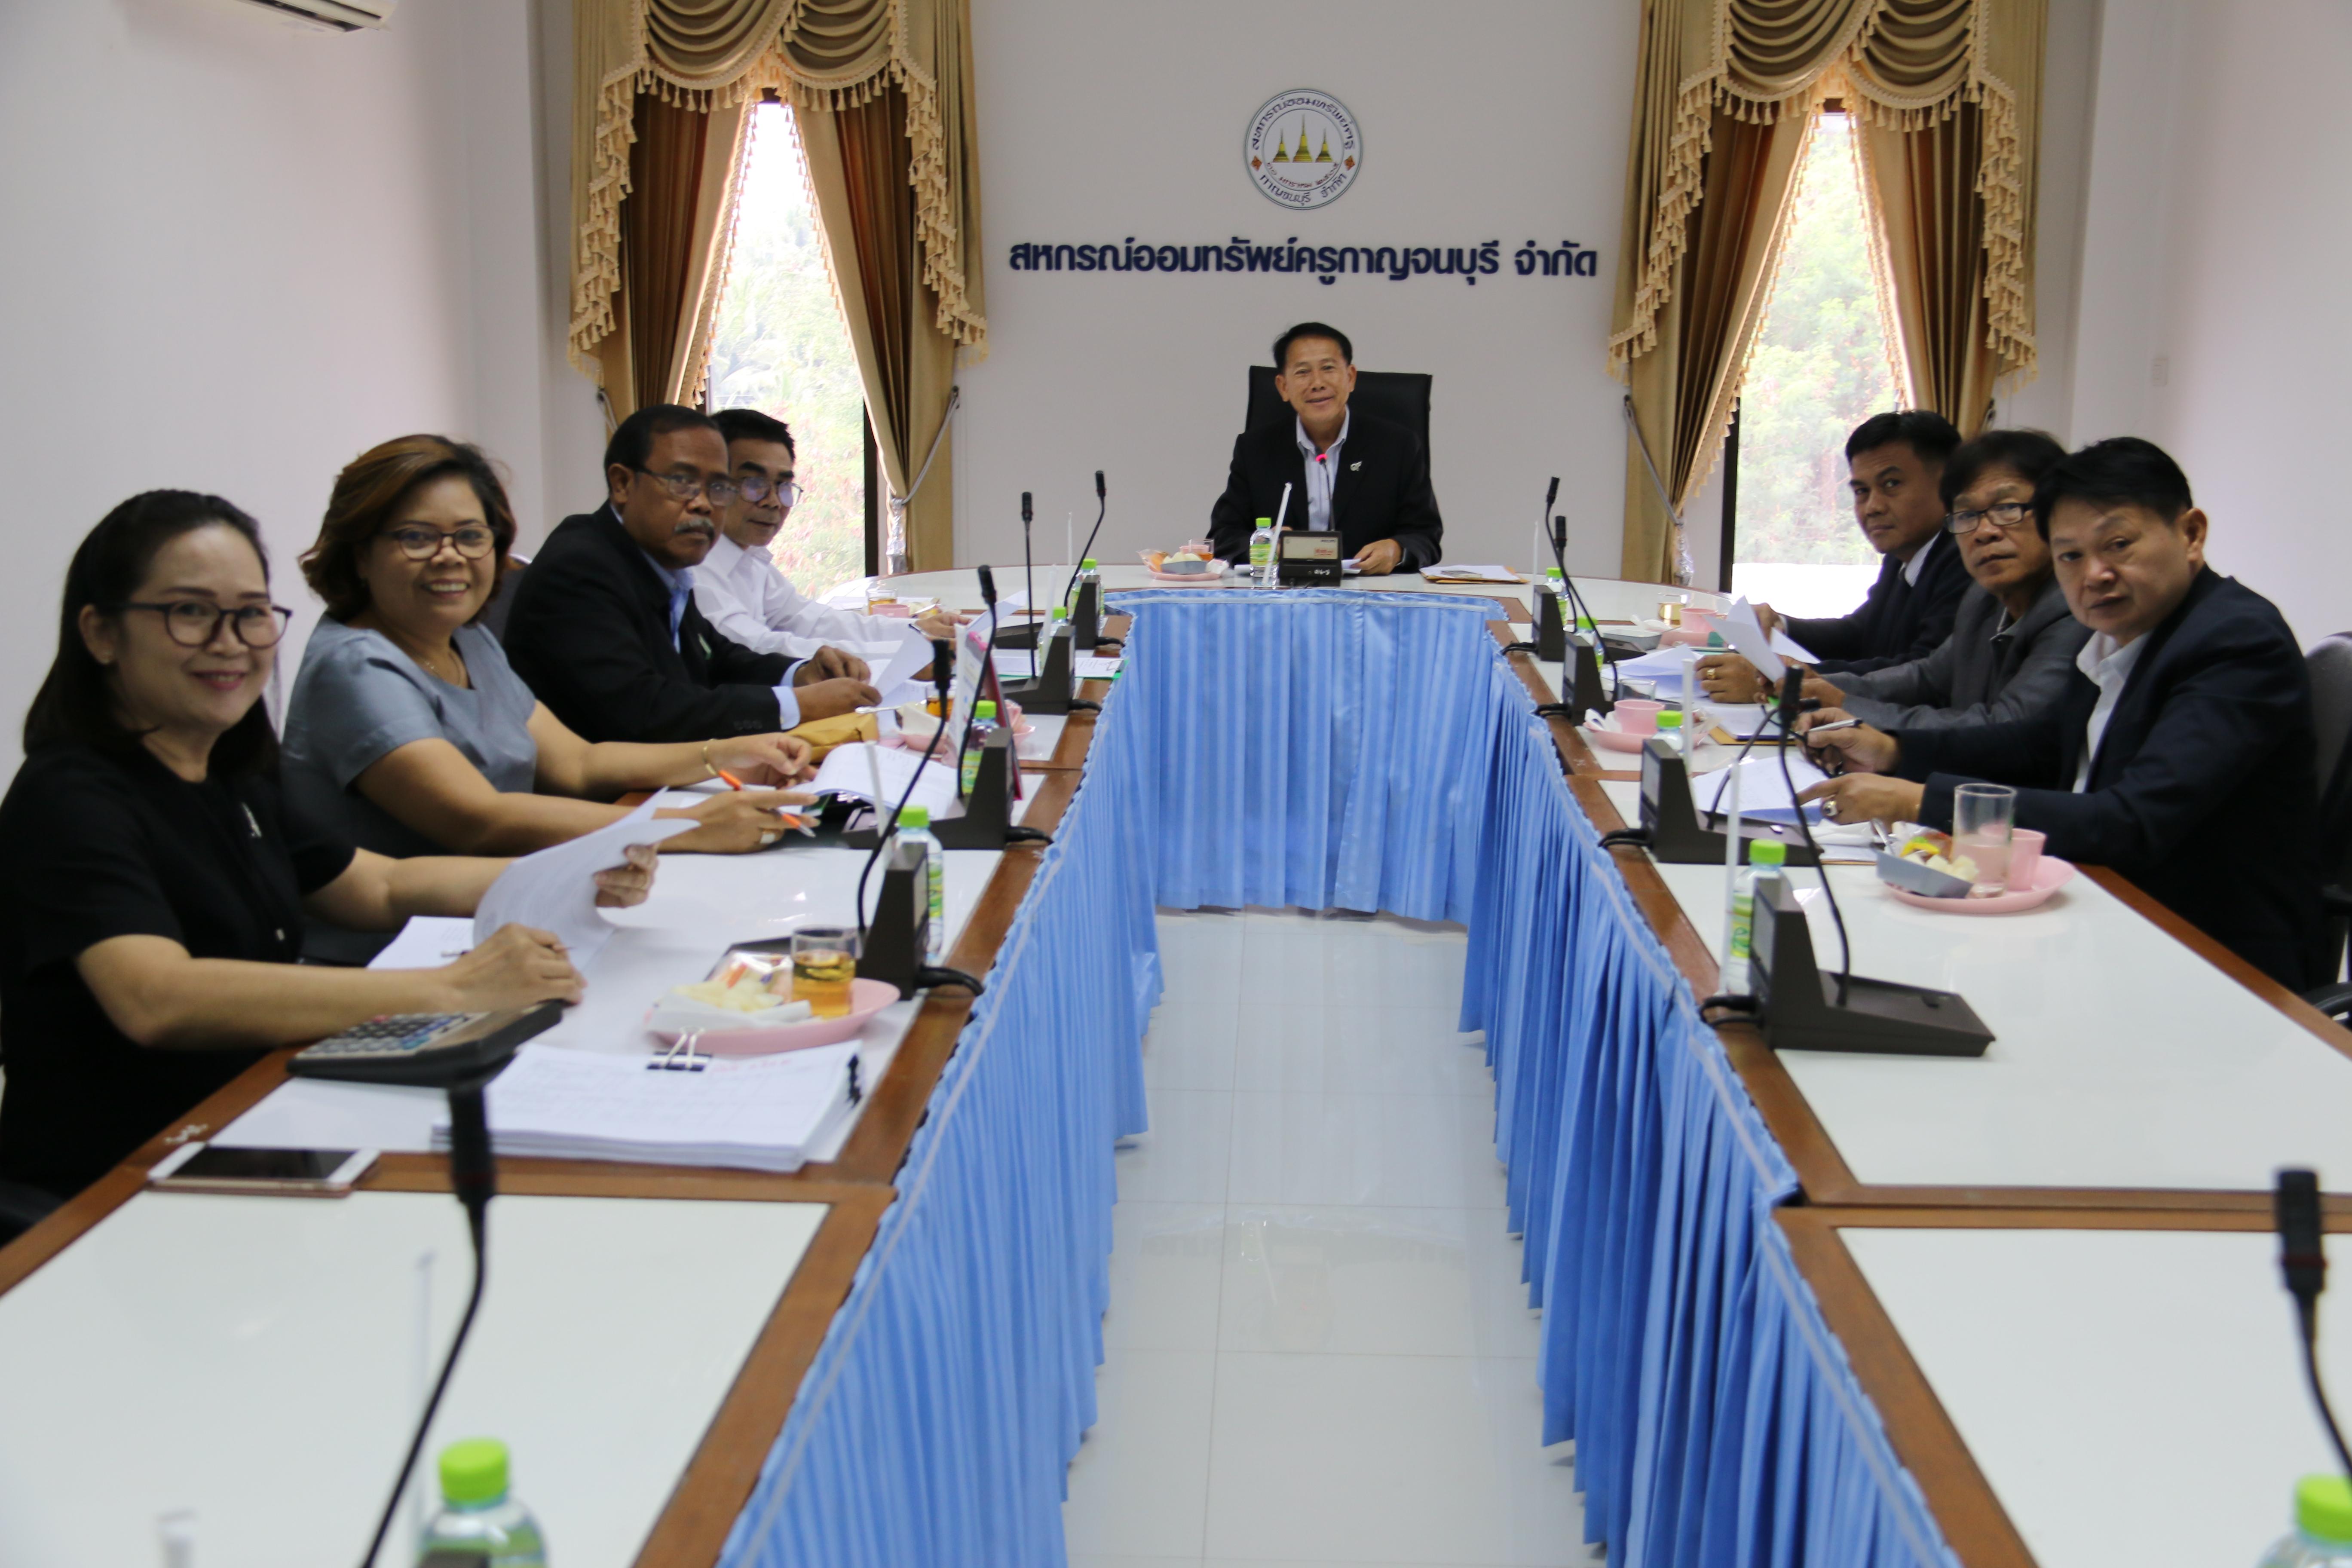 ประชุมคณะกรรมการเงินกู้ รอบกลางเดือน มีนาคม 2560